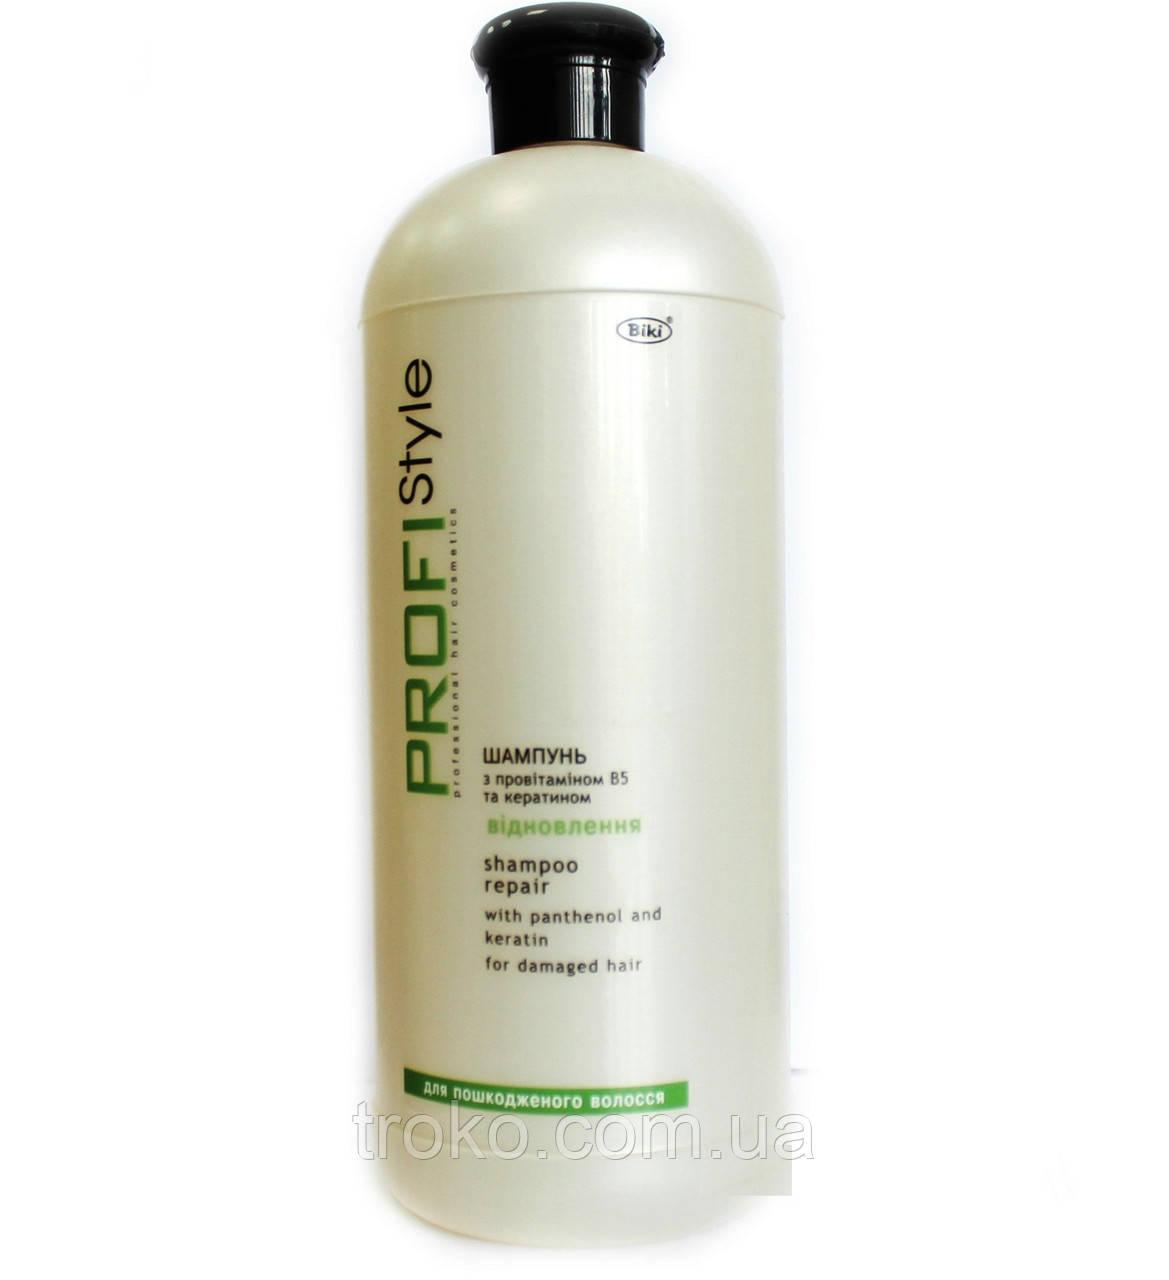 PROFISTYLE Шампунь для волос Восстановление 1000мл